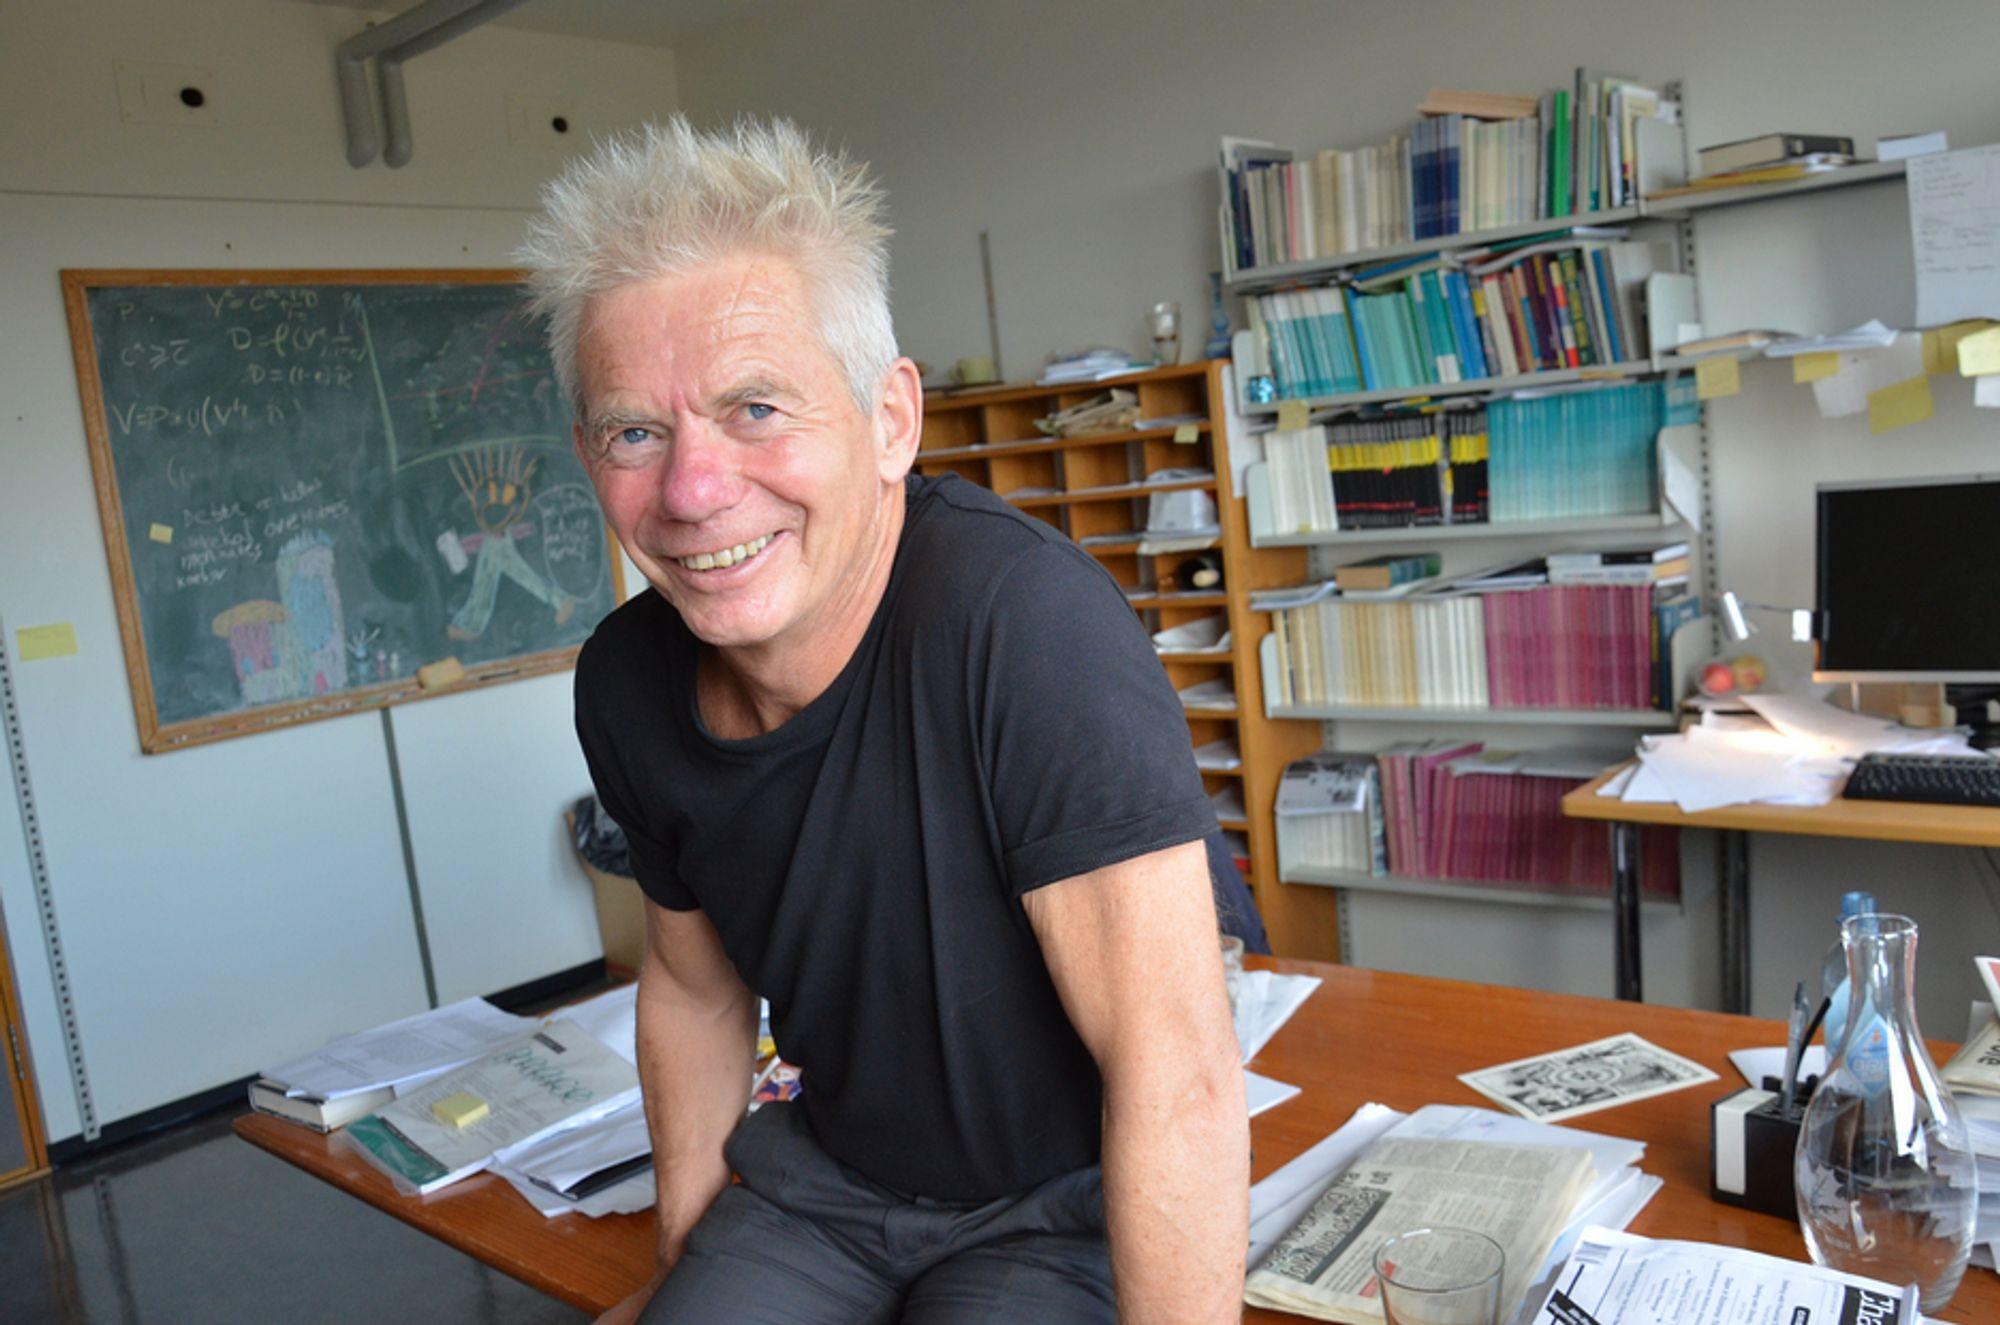 HEDRET: Samfunnsøkonom Karl Ove Moene har grunn til å smile etter at han fikk Forskningsrådets formidlingspris på 250.000 kroner.